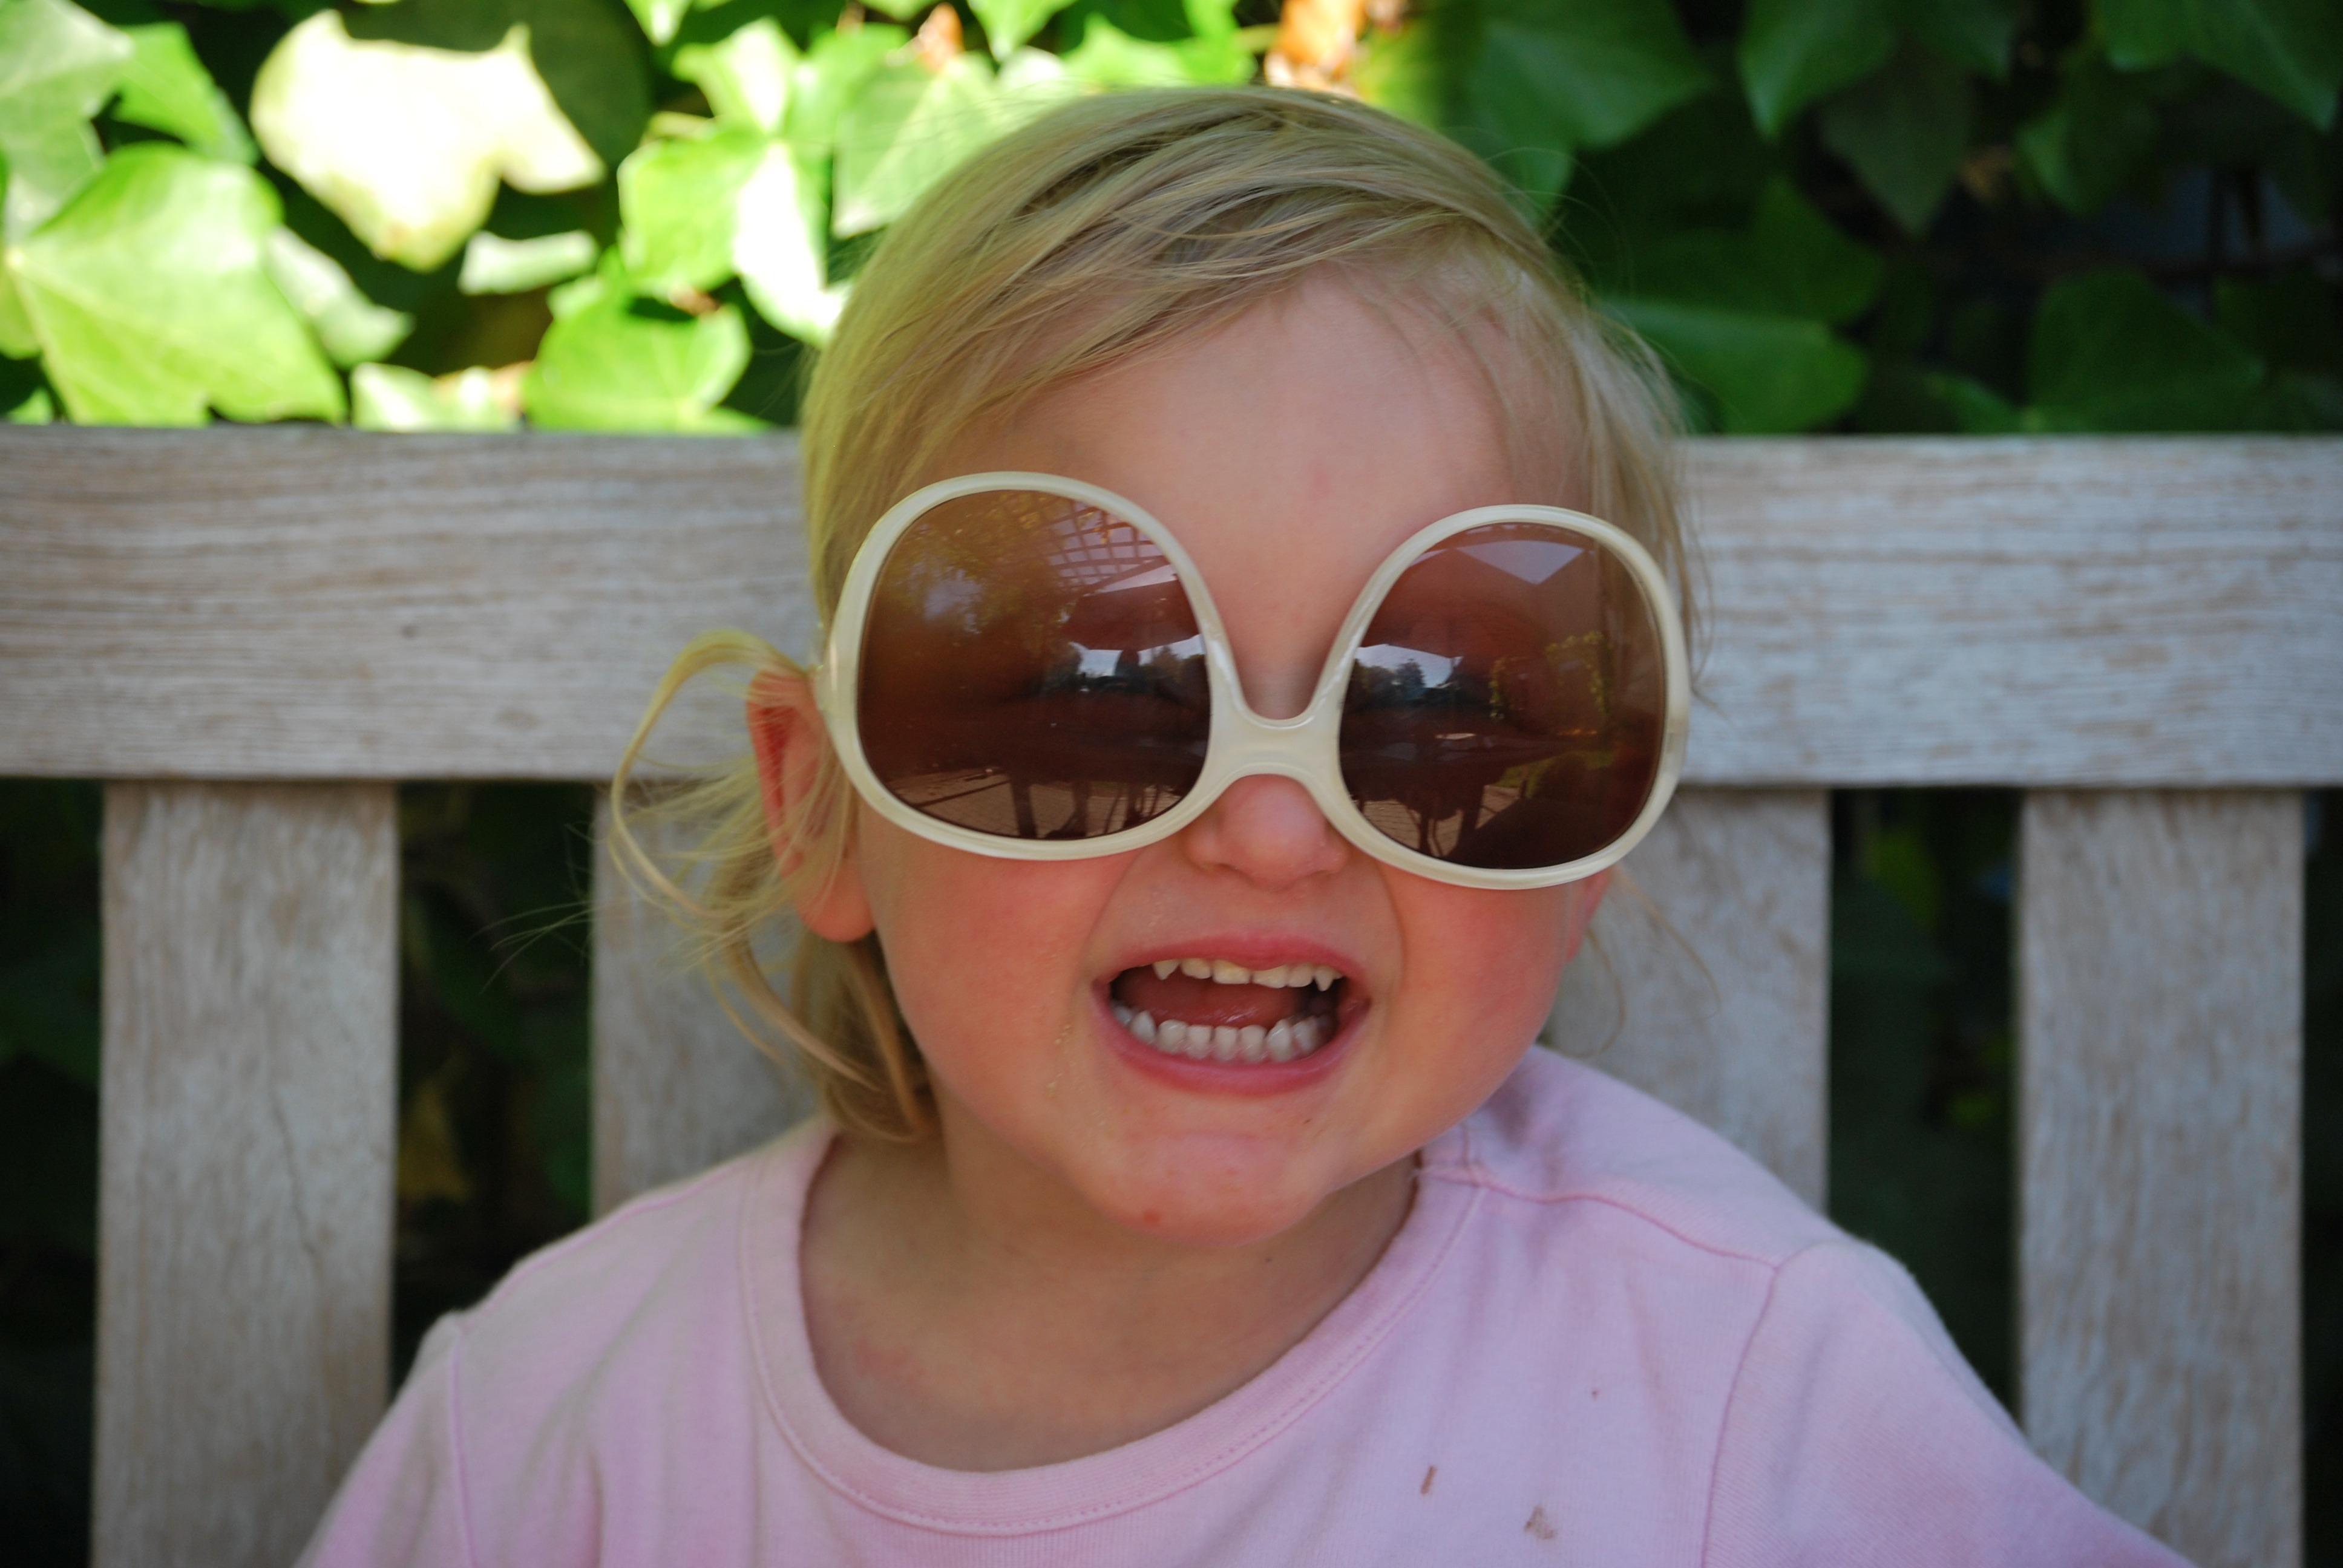 8ee5149165 Images Gratuites : gens, cheveux, mignonne, doigt, enfant, Expression  faciale, Coiffure, sourire, bouche, visage, nez, des lunettes de soleil,  des lunettes, ...